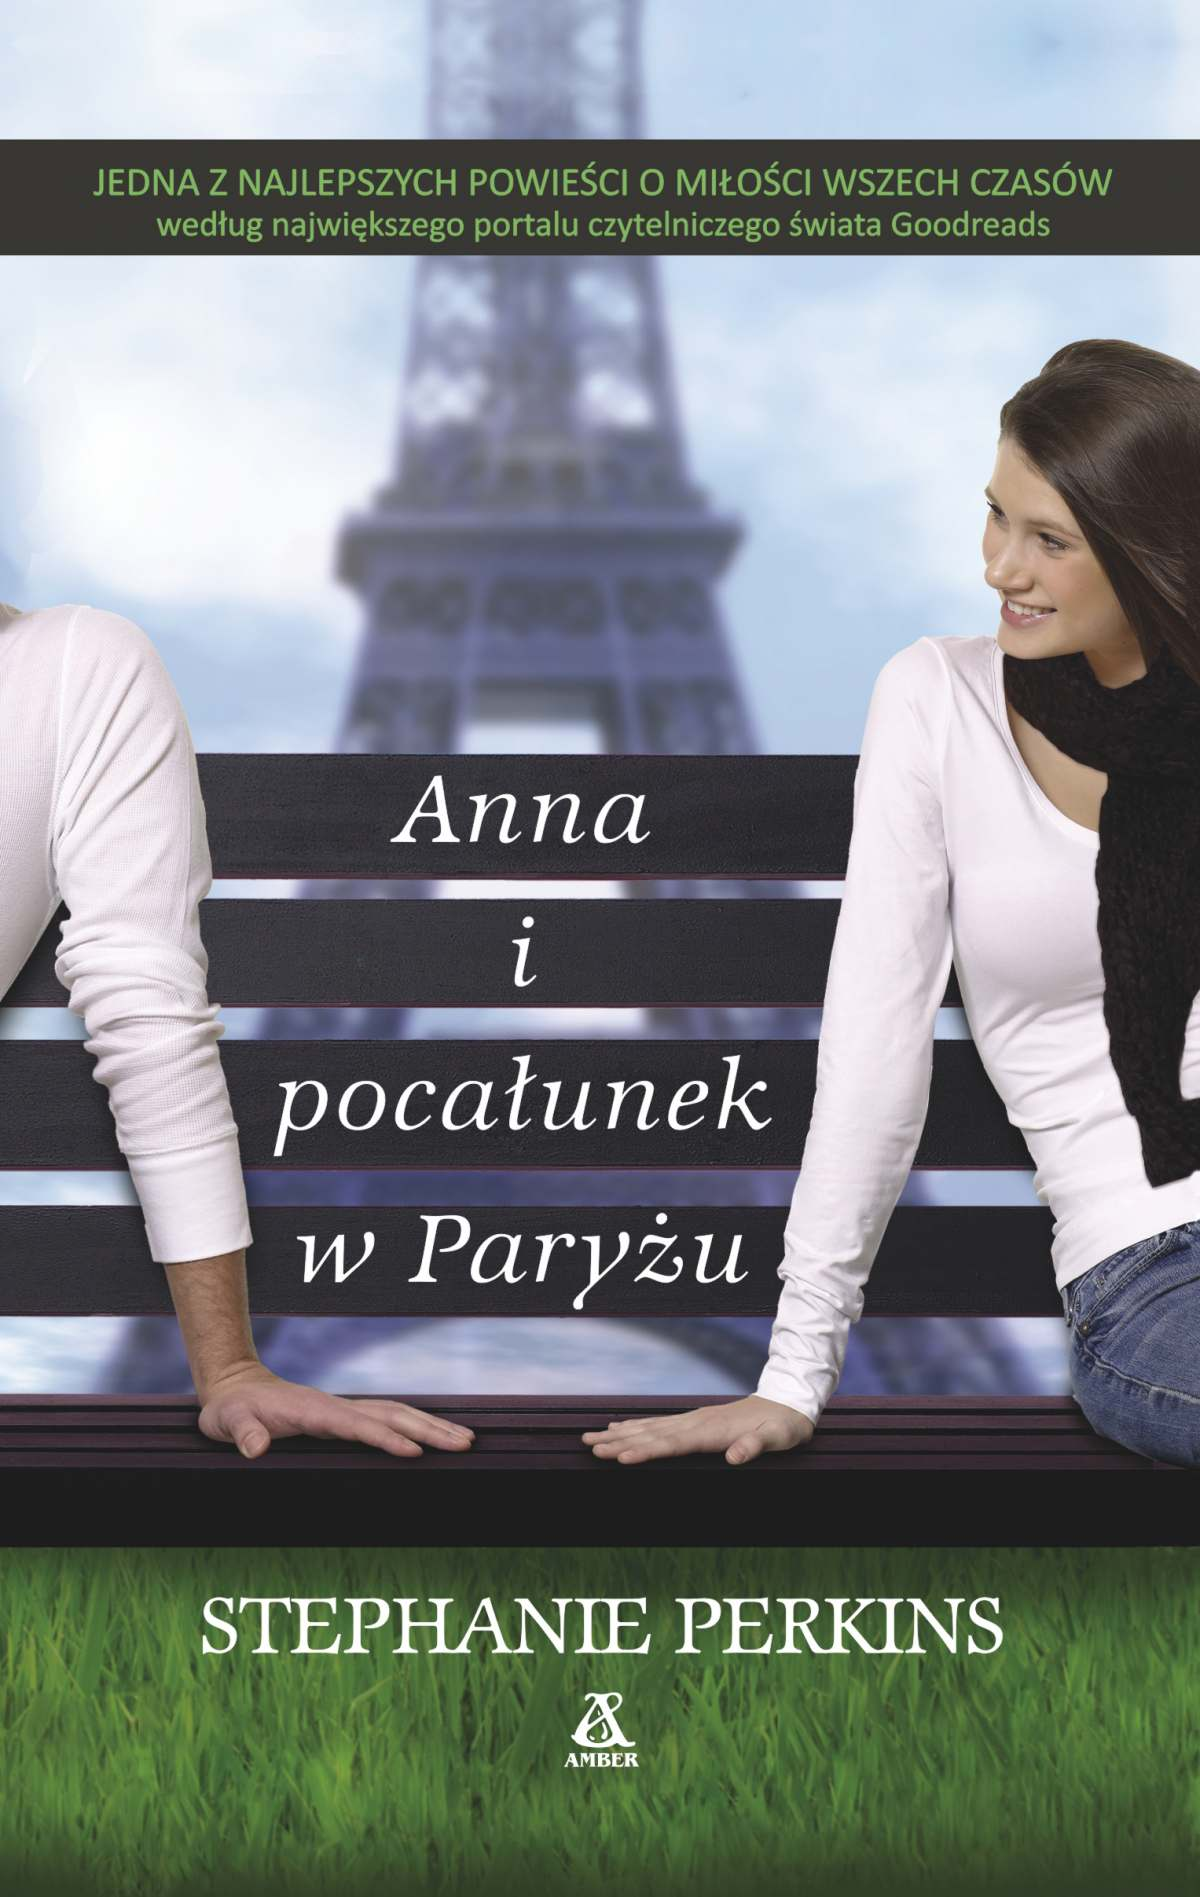 Anna i pocałunek w Paryżu - Ebook (Książka EPUB) do pobrania w formacie EPUB